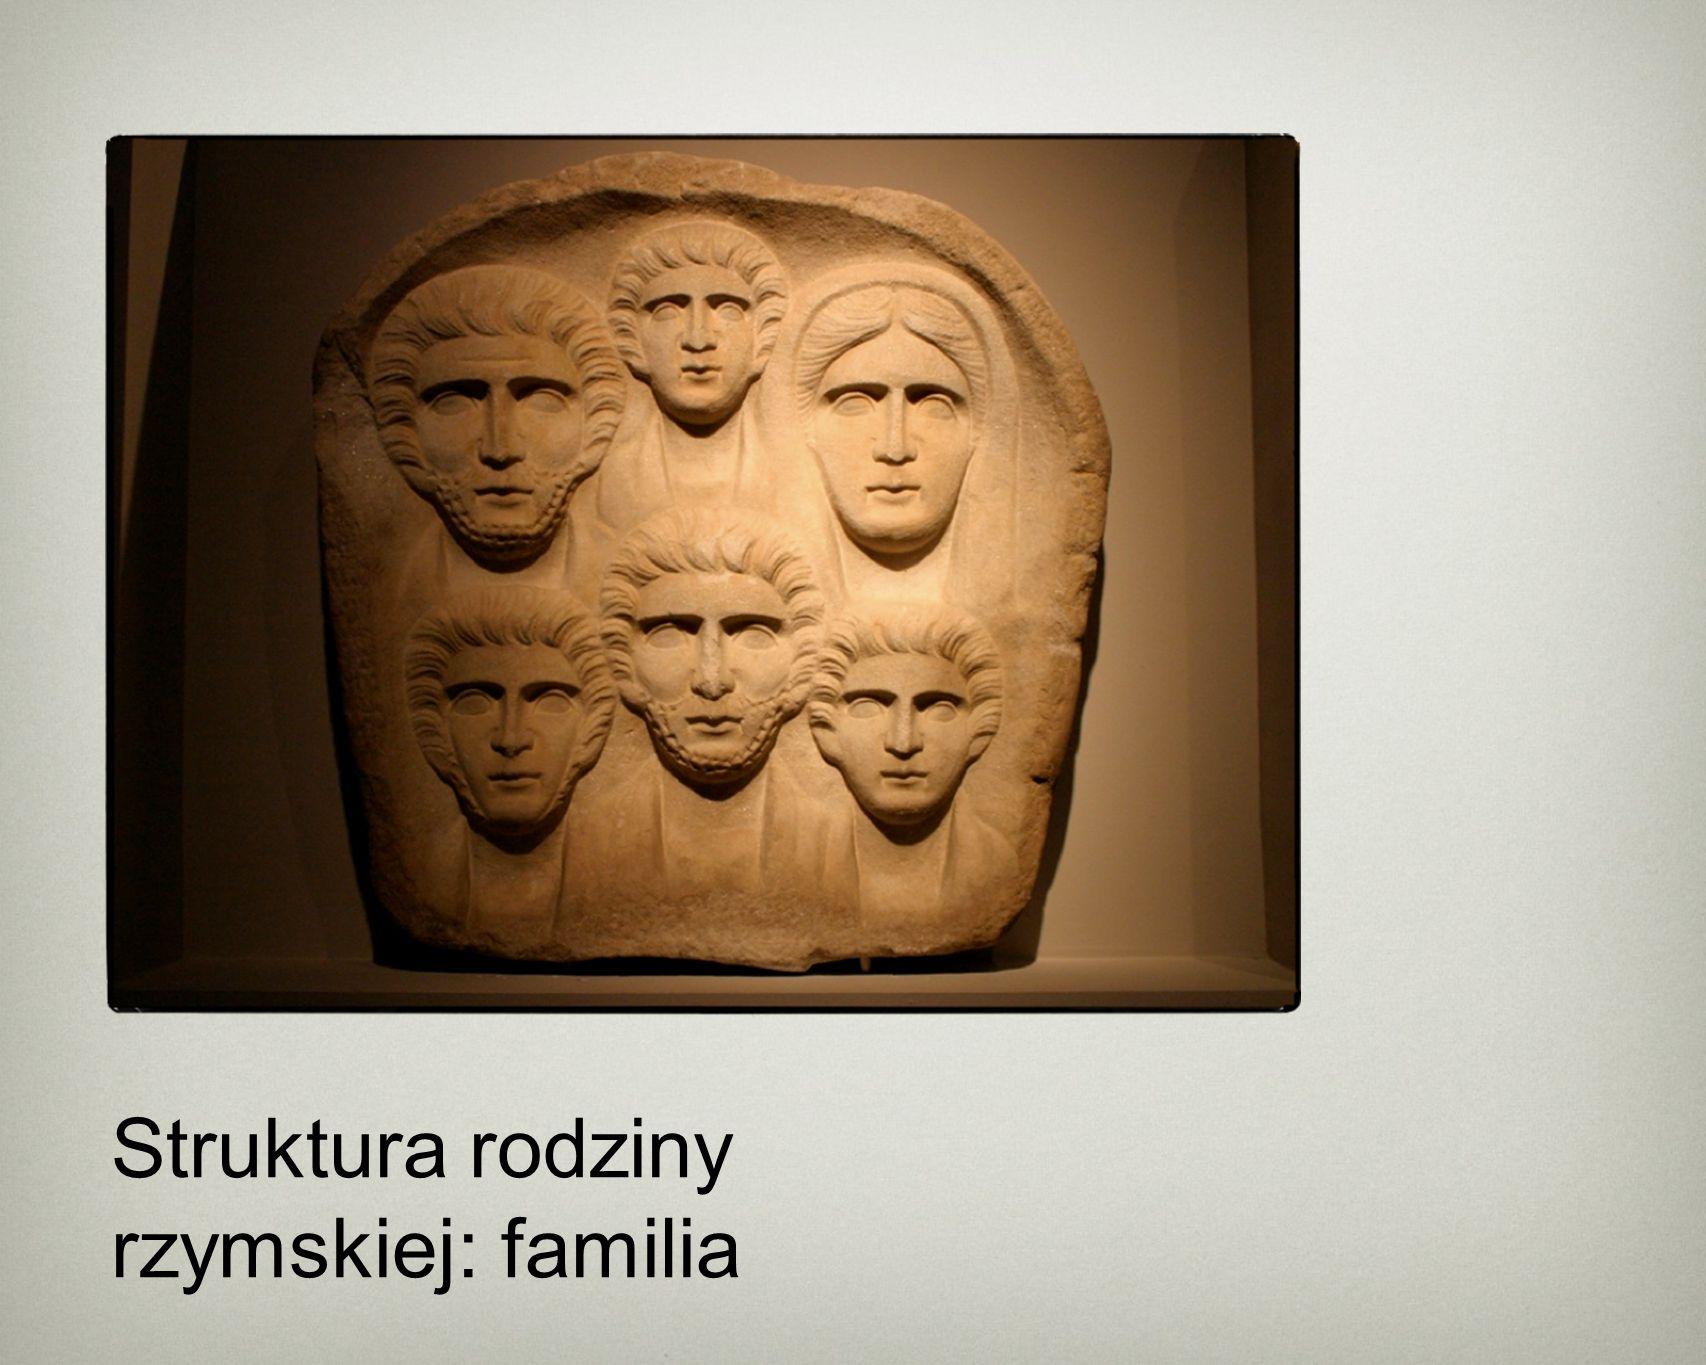 Struktura rodziny rzymskiej: familia